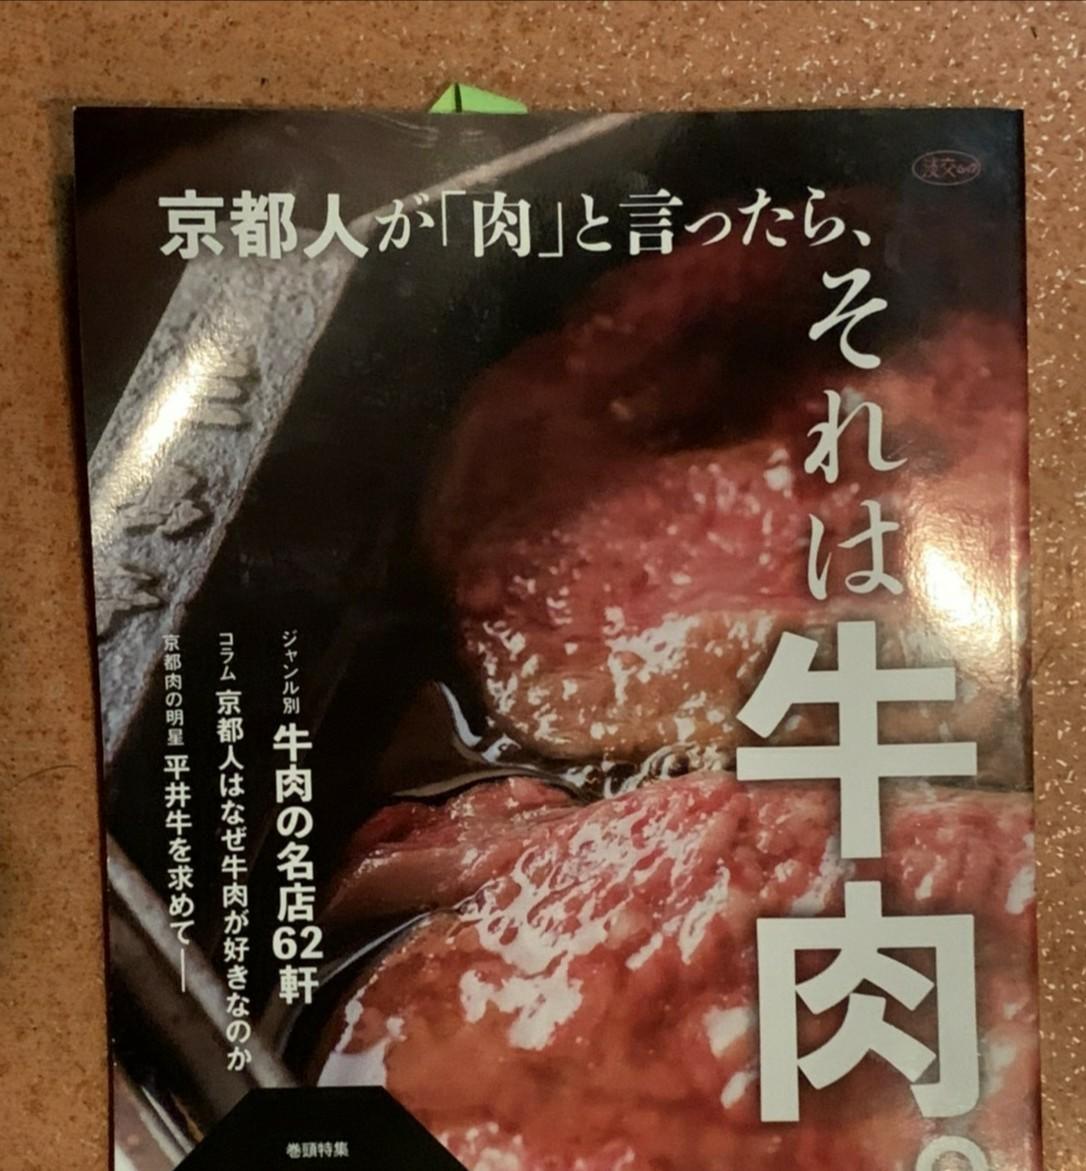 京都人が『肉』といえばそれは牛肉_d0162300_17385615.jpg